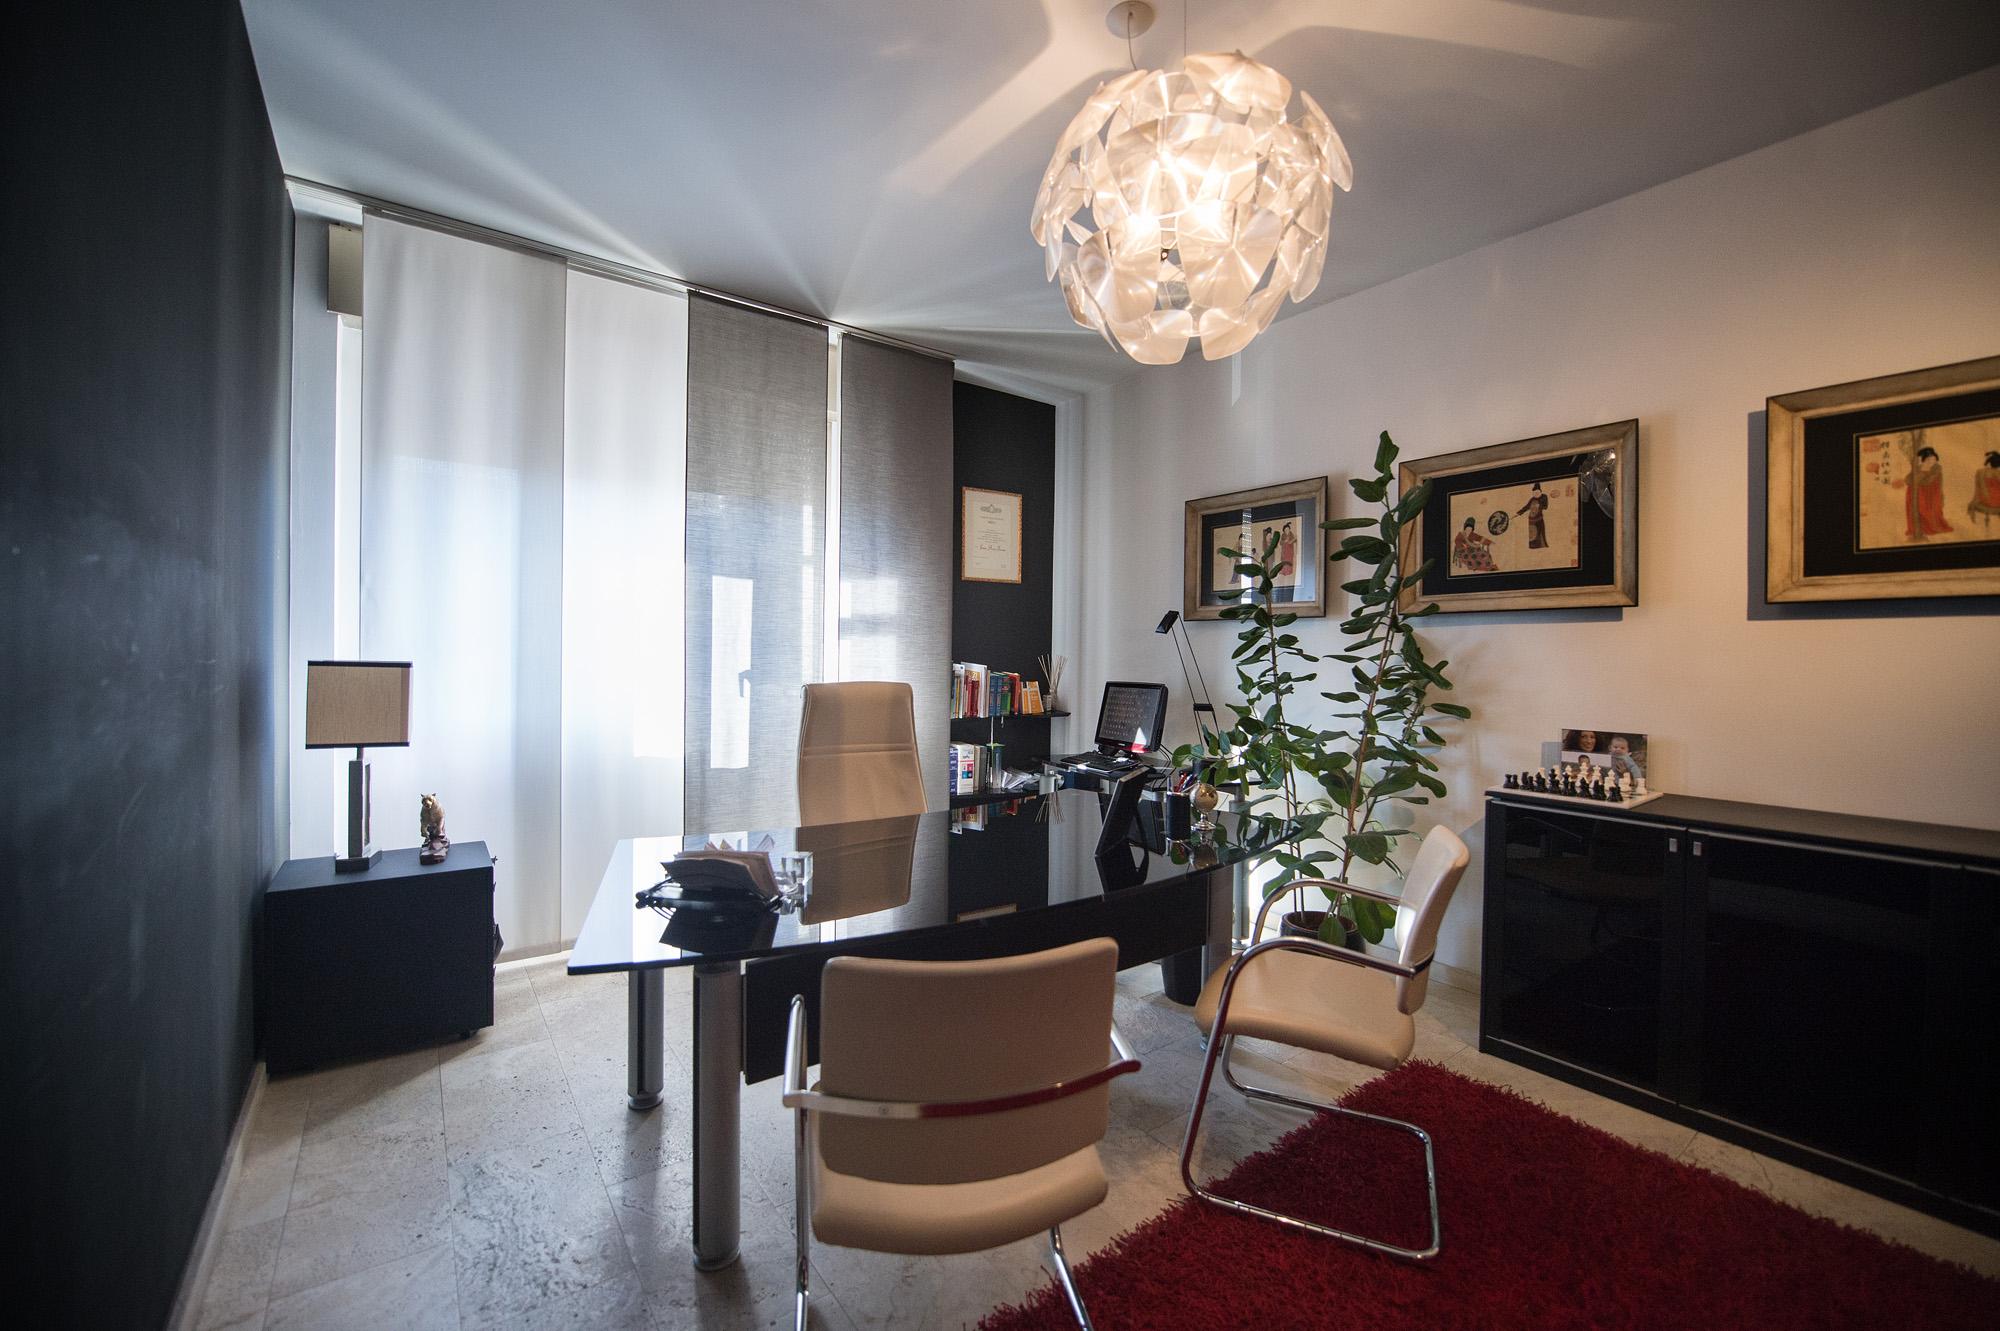 cristallo hit mobili arredamenti per uffici prato toscana